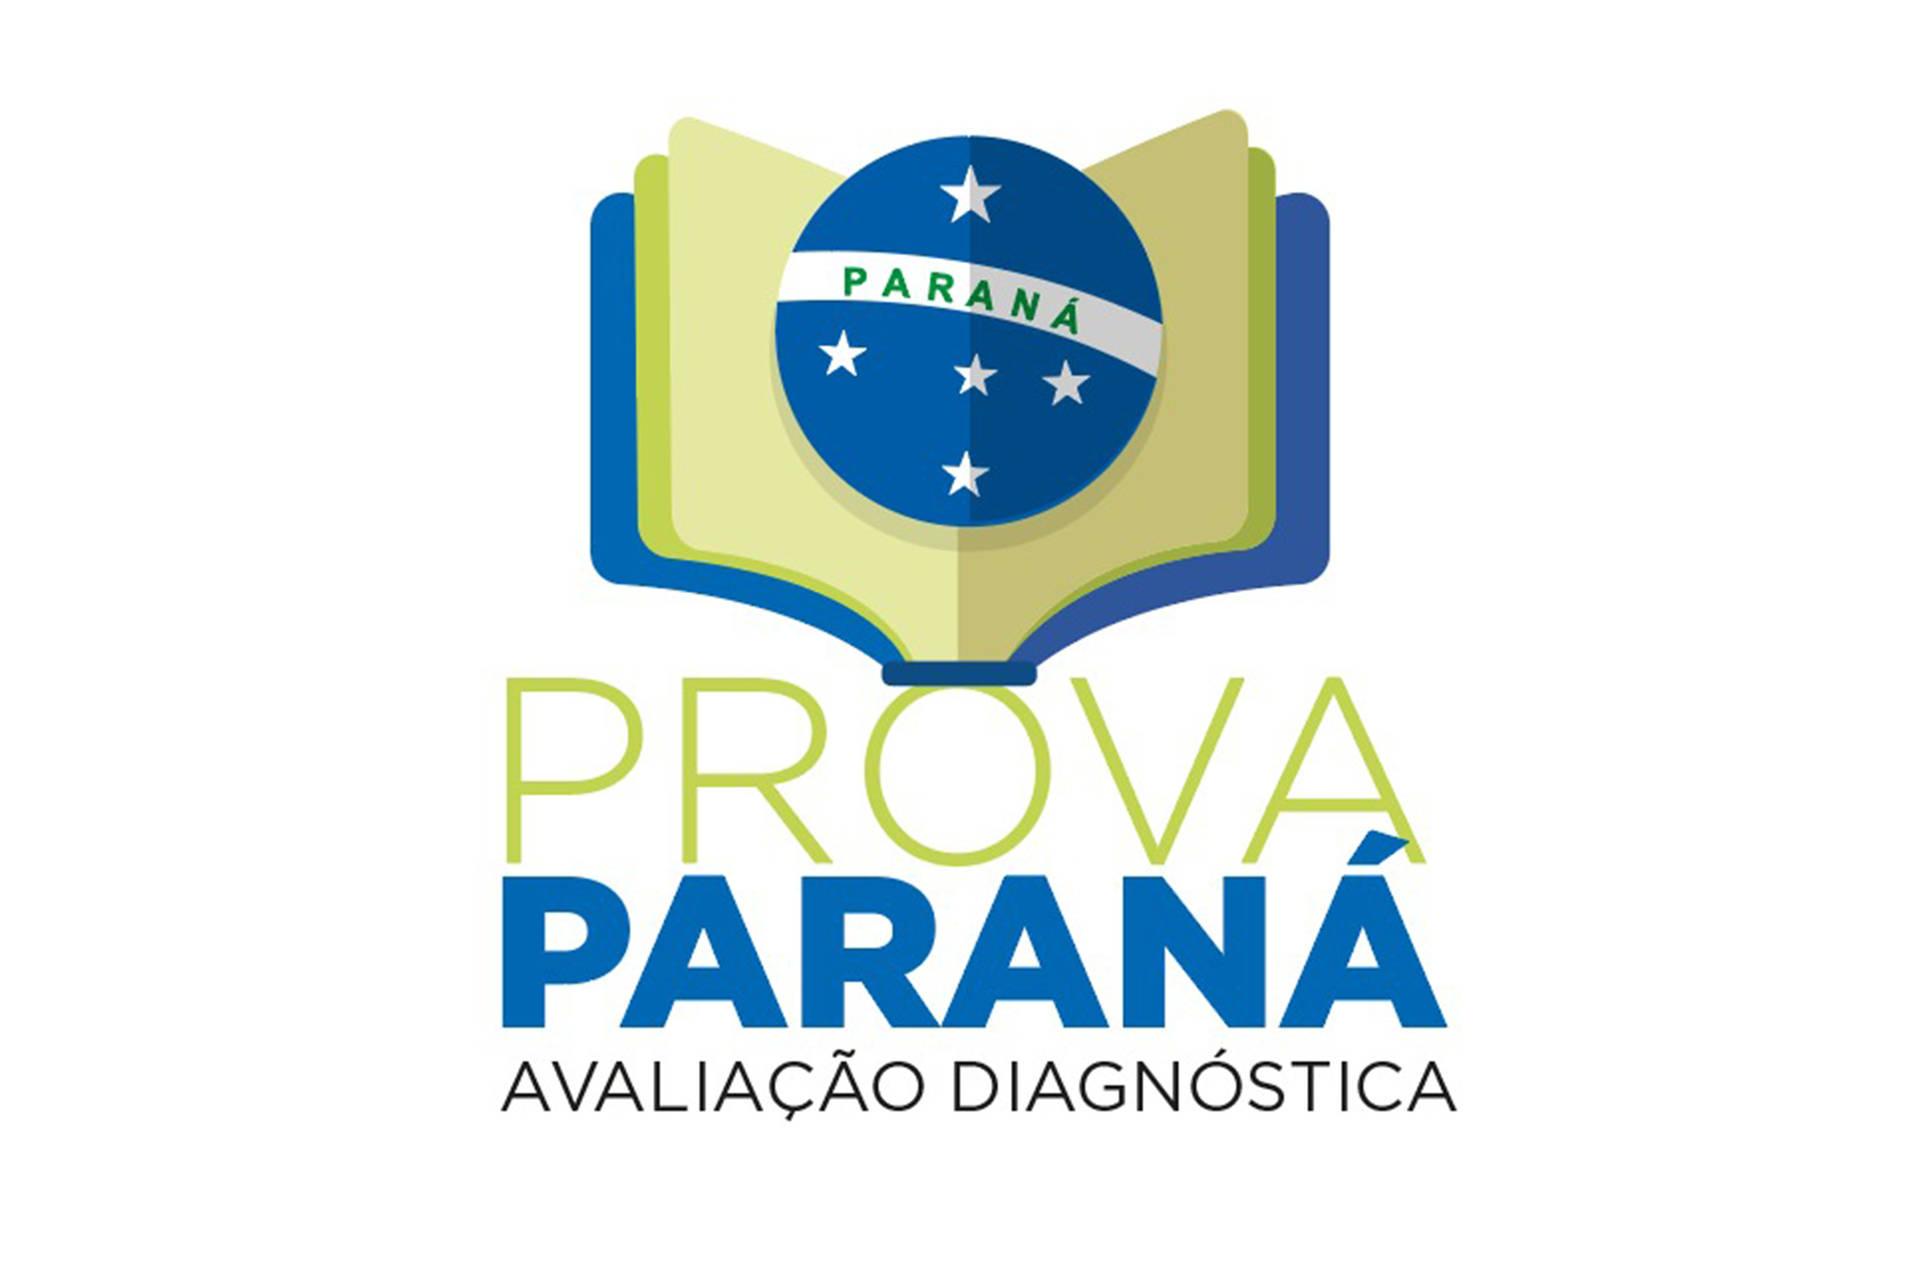 ALUNOS DO 5º ANO DA REDE PUBLICA MUNICIPAL PARTICIPA HOJE DA PROVA PARANÁ